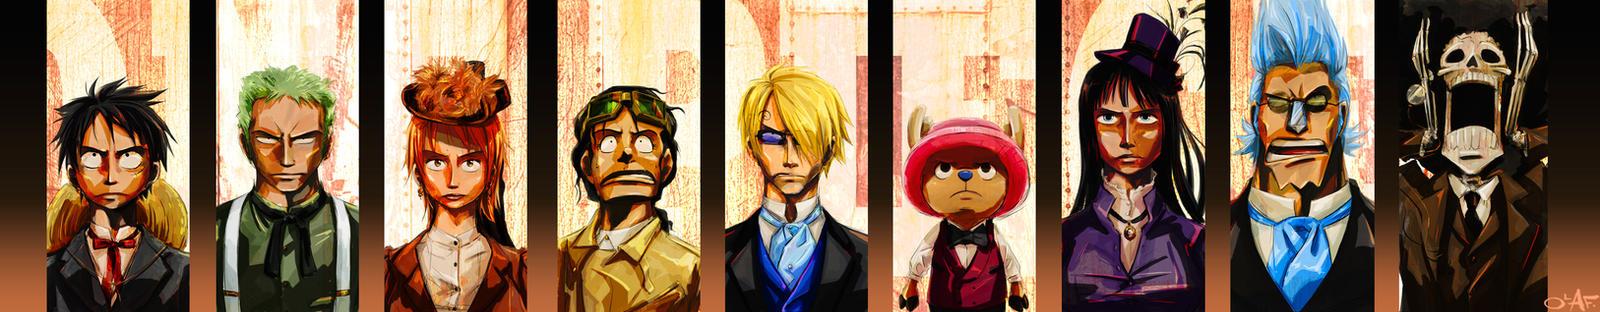 One Piece- Class by olafpriol